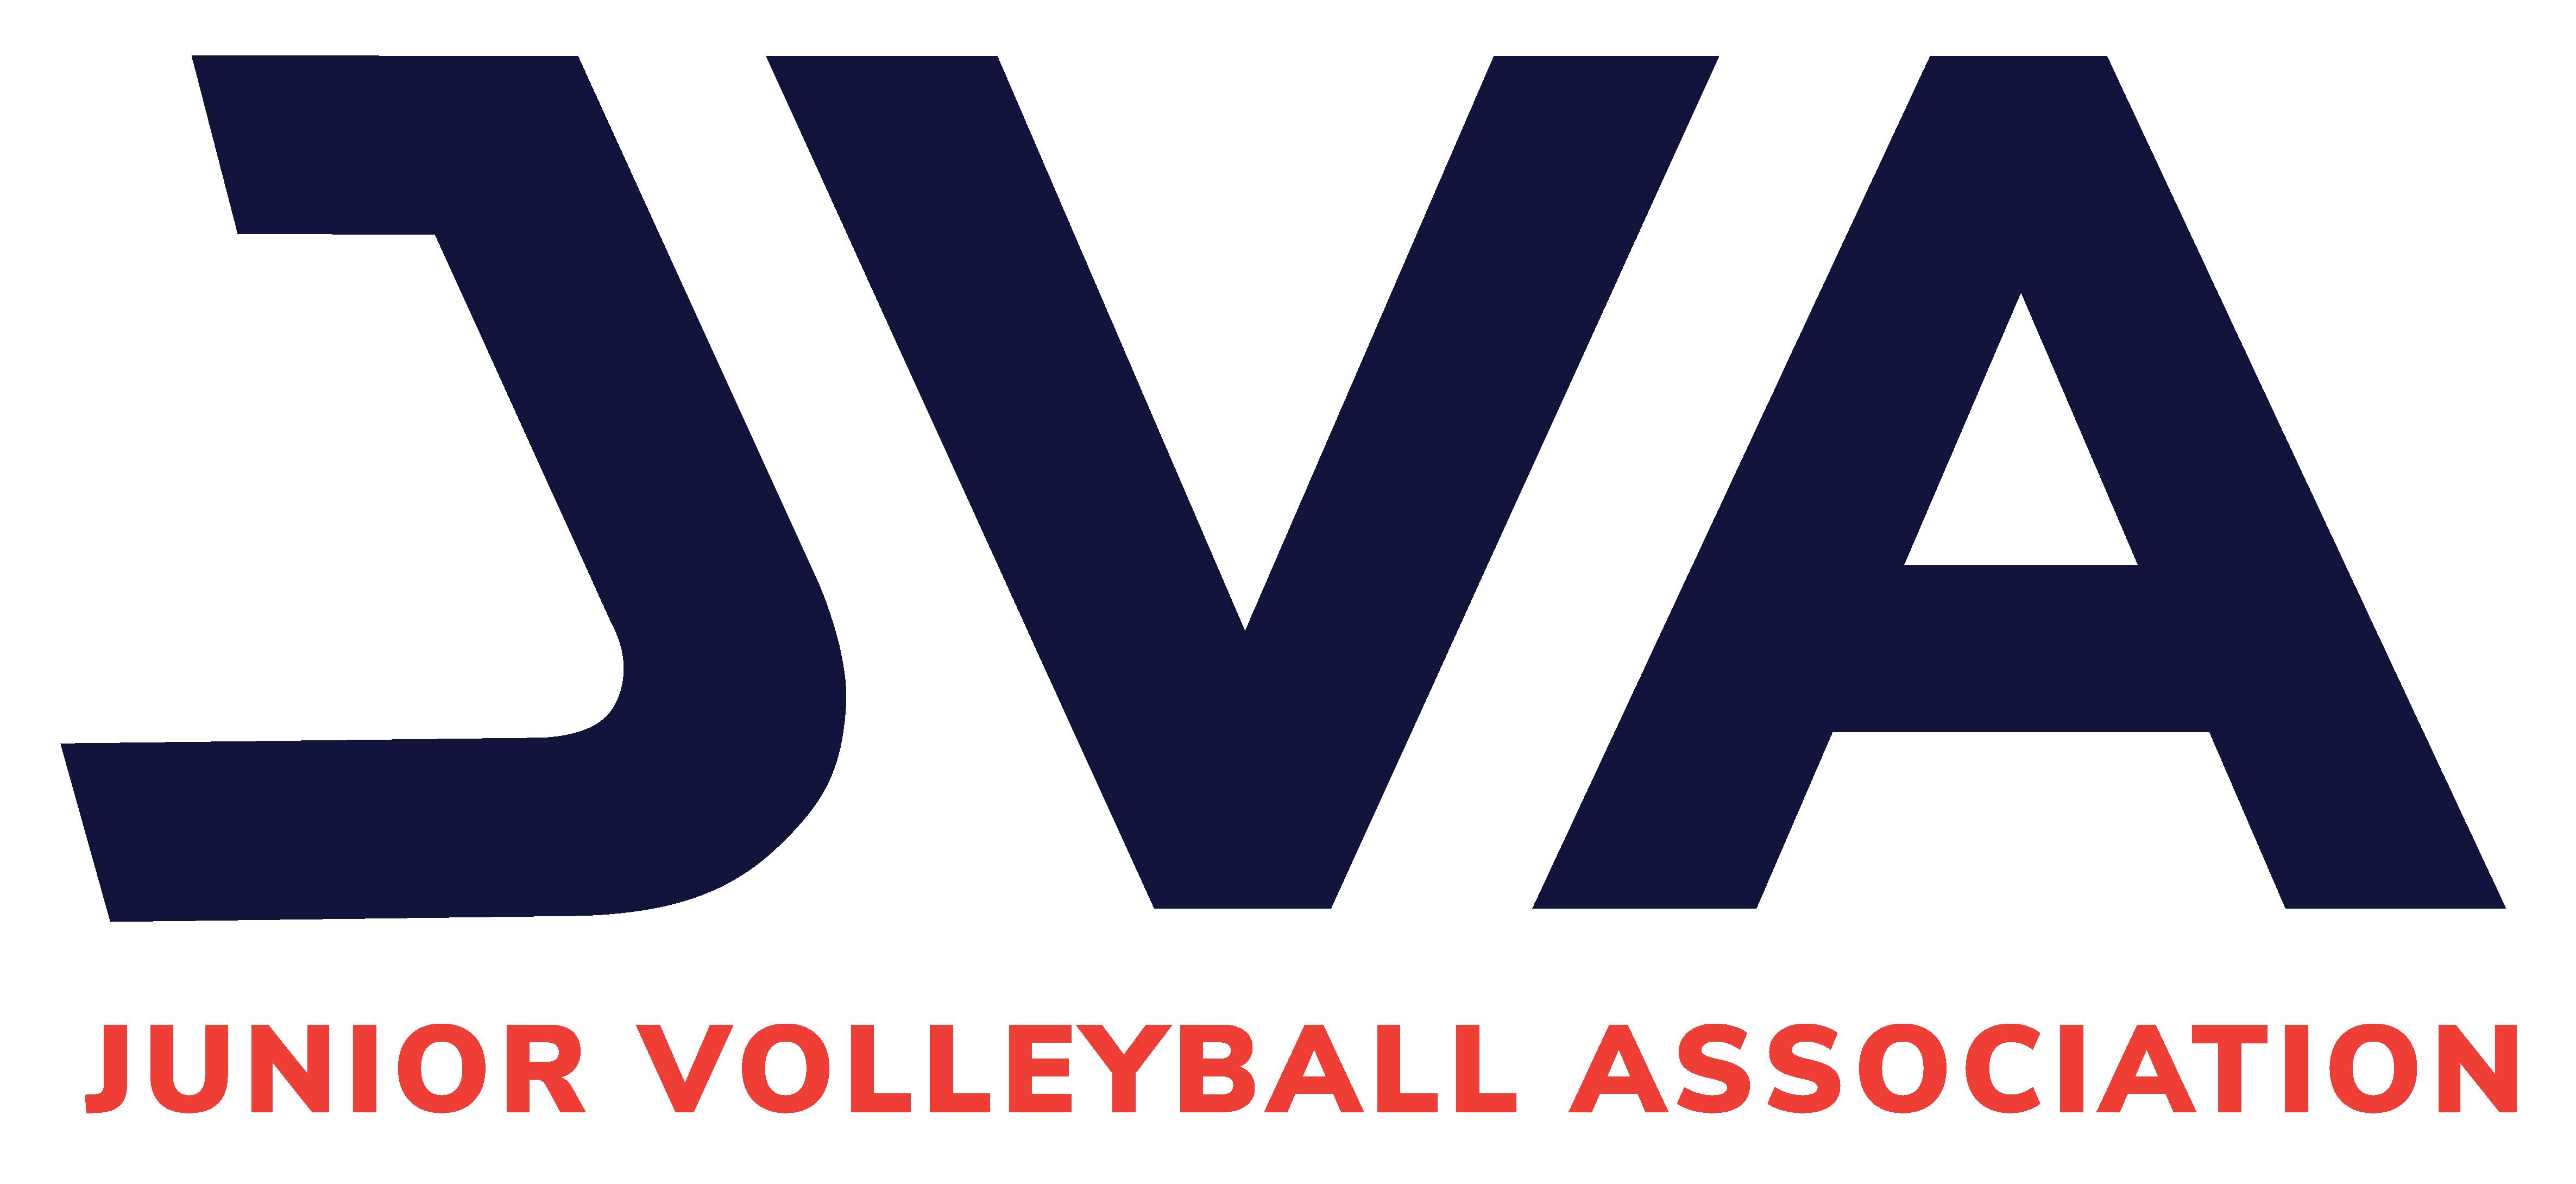 jva_logo-1200